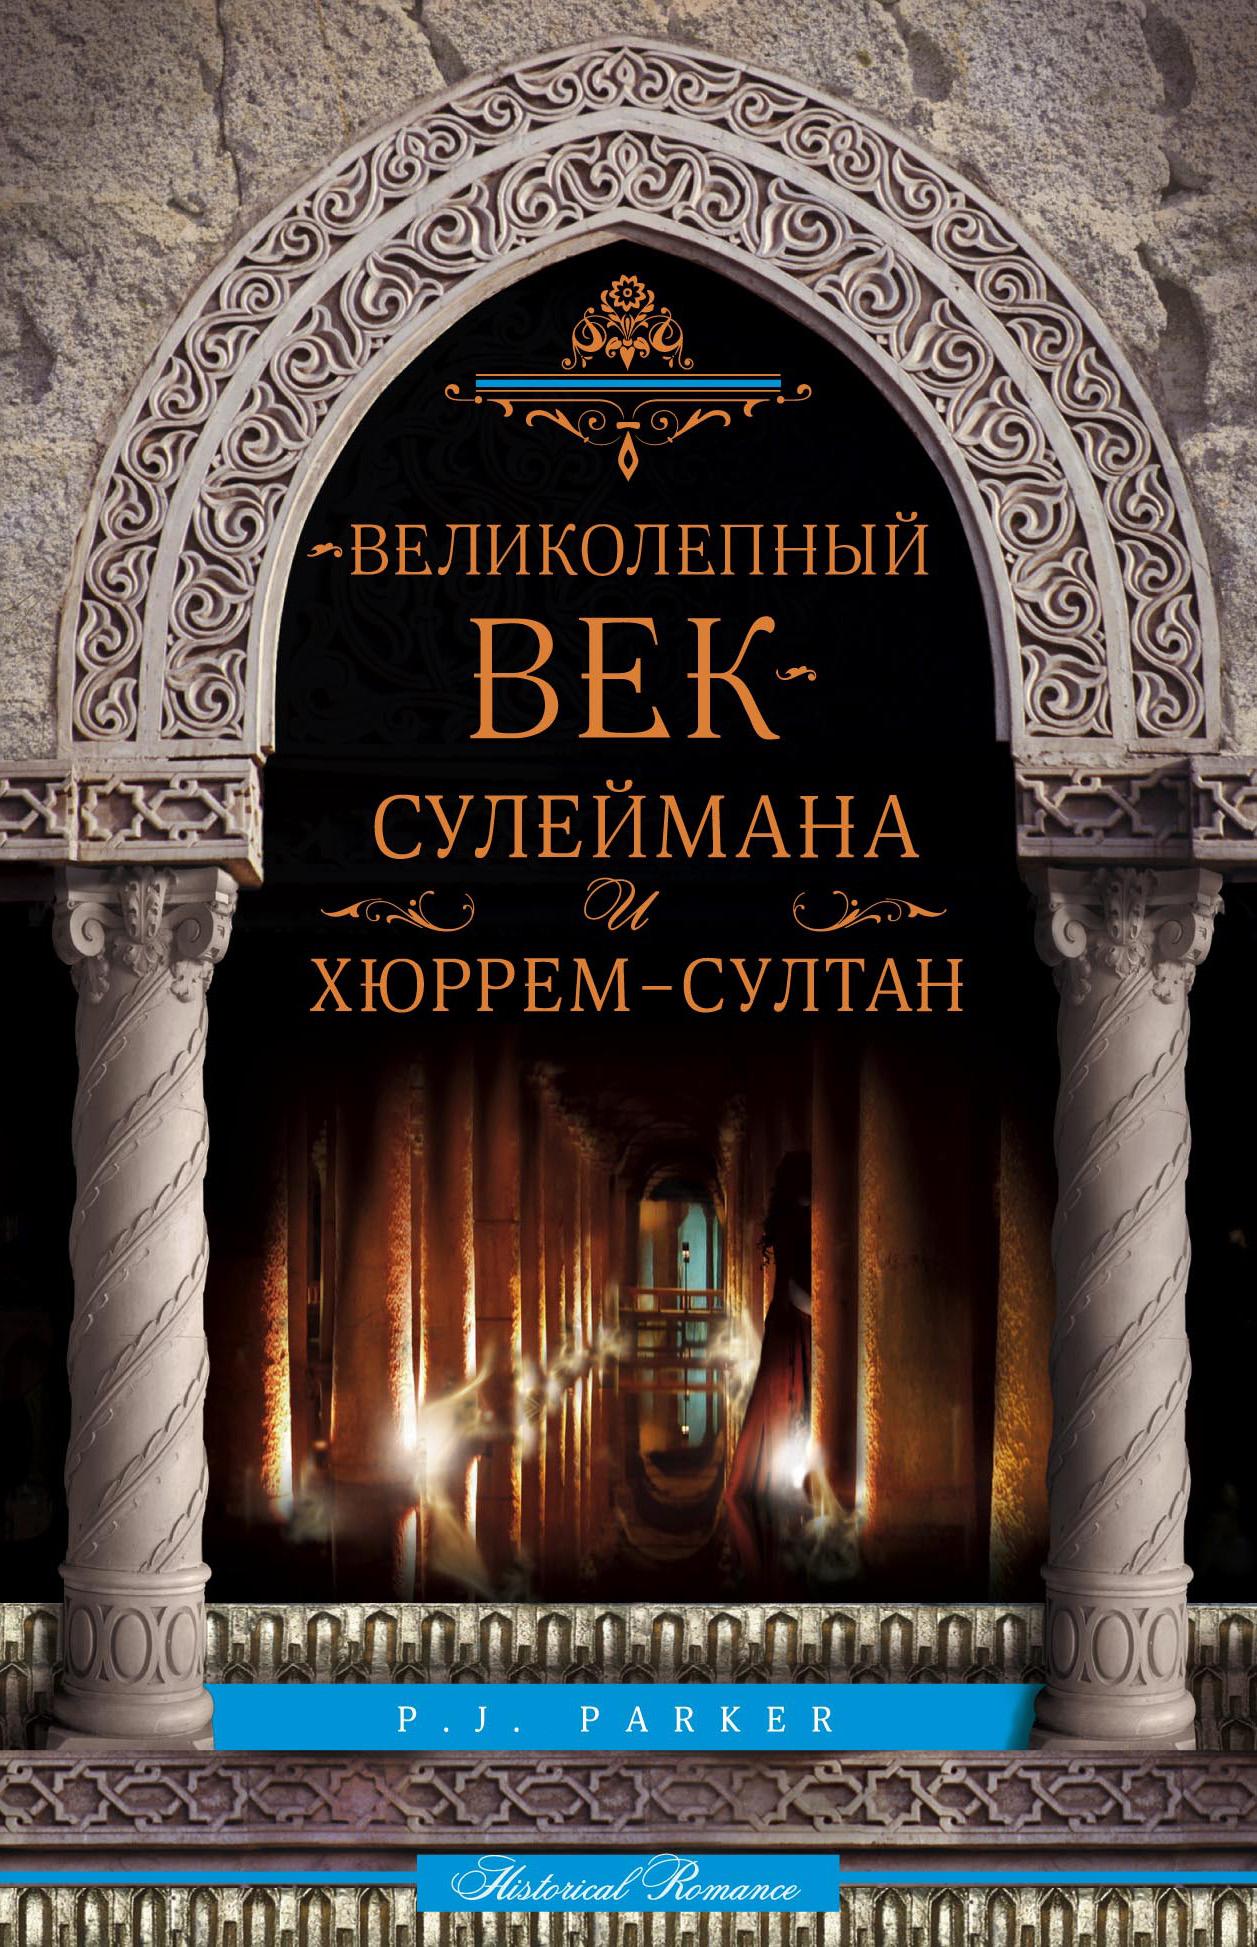 П. Дж. Паркер «Великолепный век» Сулеймана и Хюррем-султан украшения хюррем